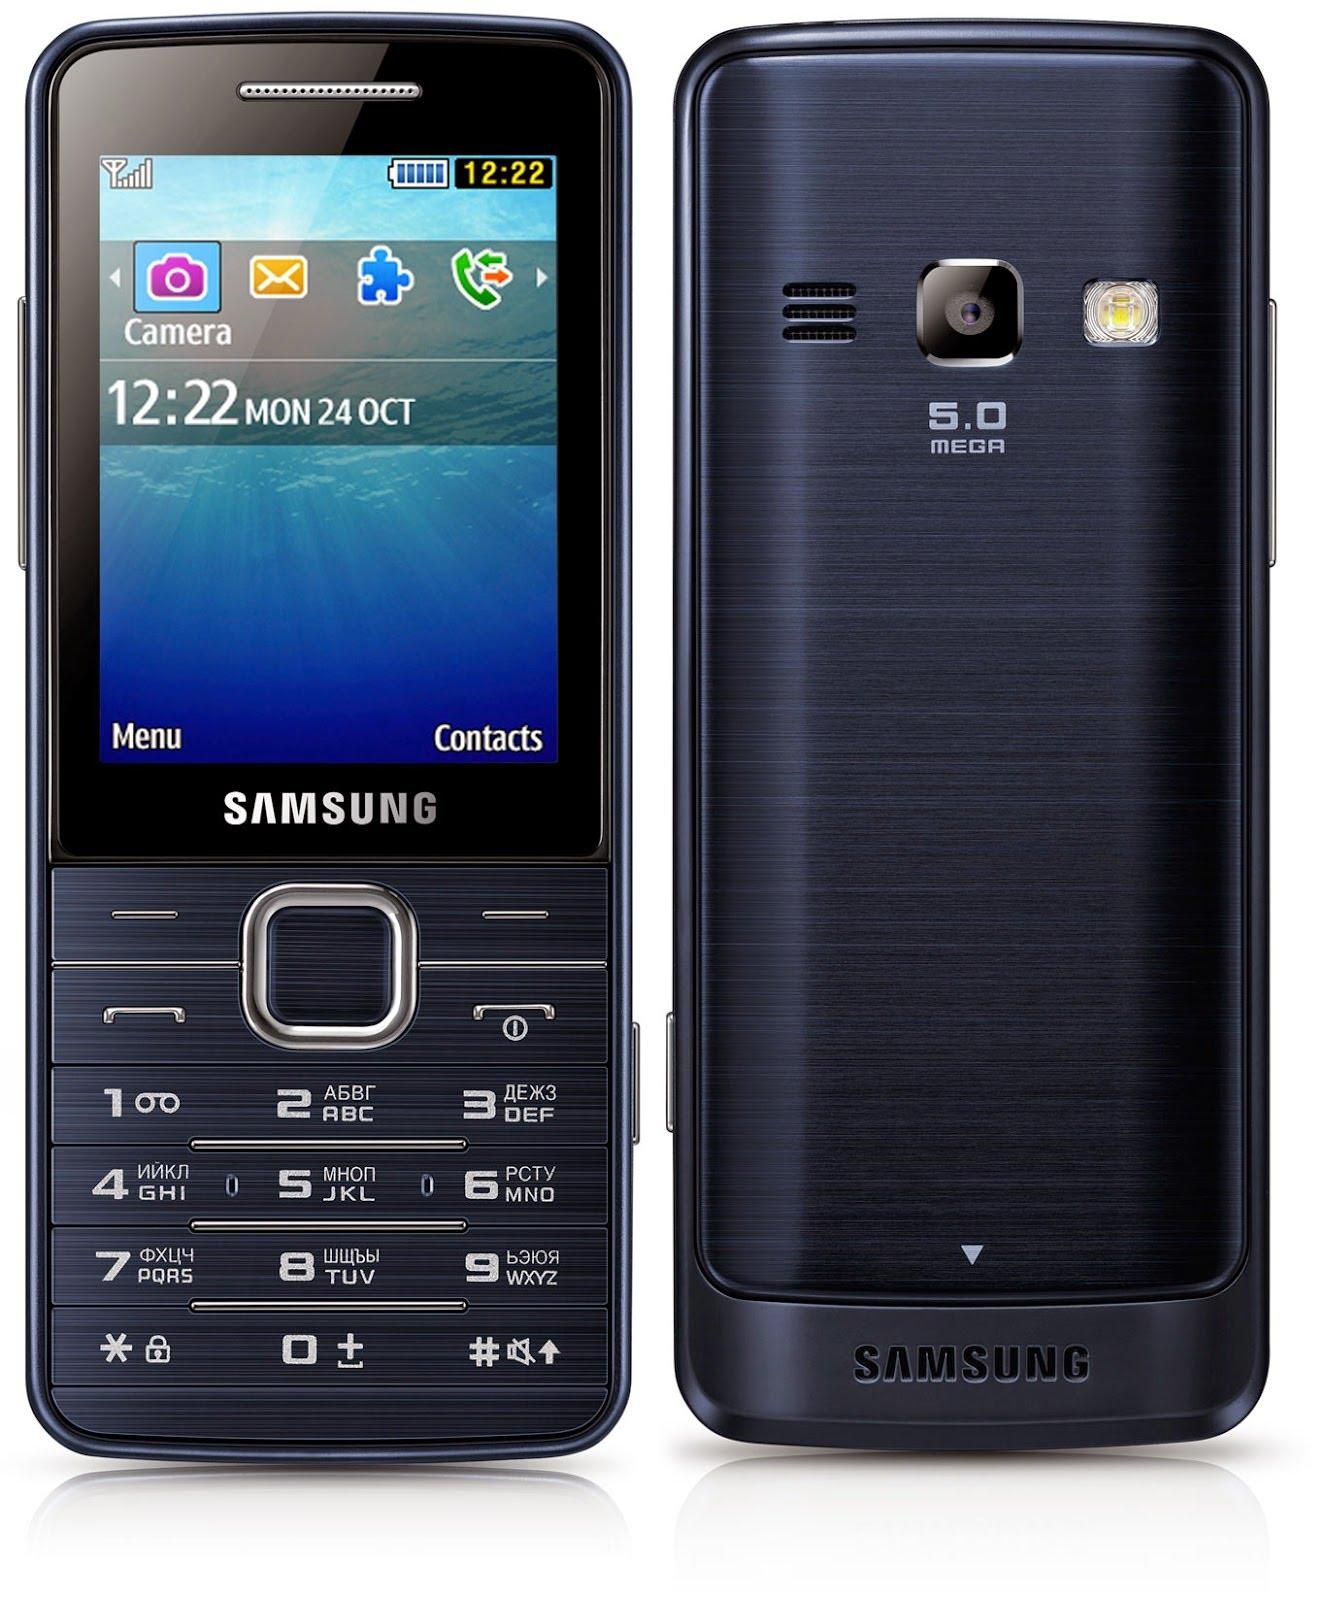 Внешний вид телефона GT-S5611